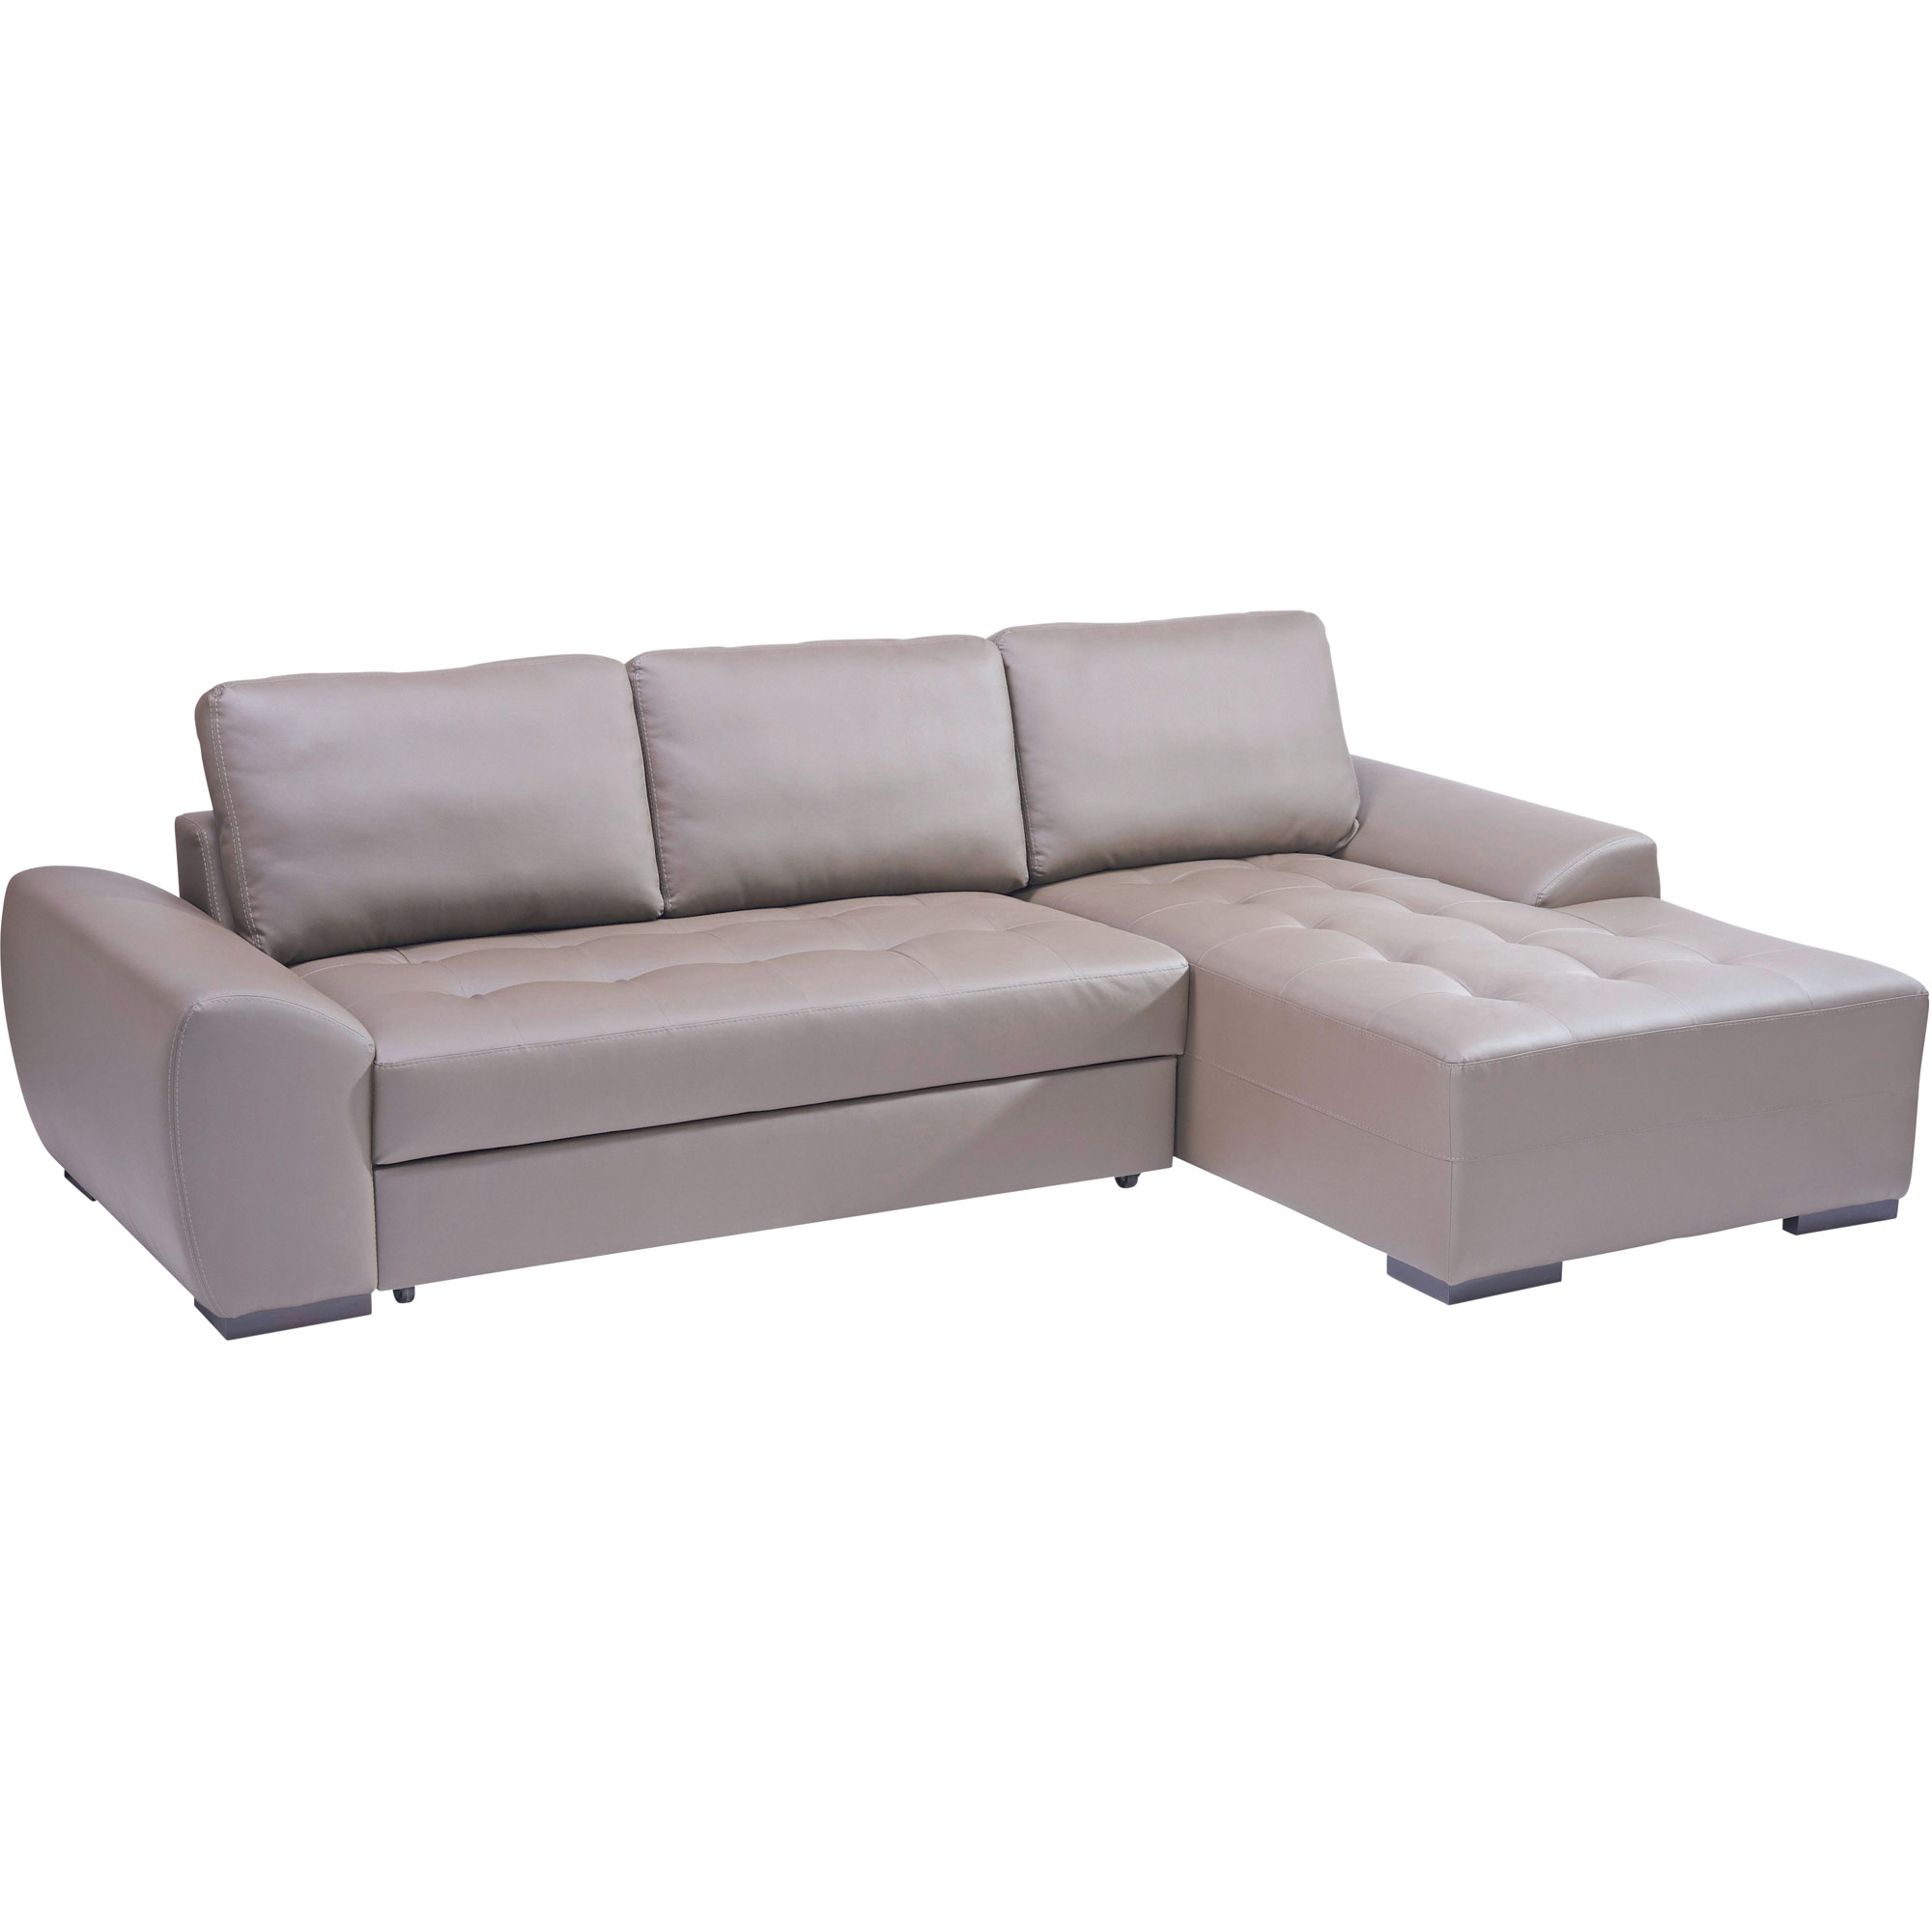 canap d 39 angle droite convertible rubix taupe anniversaire 40 ans acheter ce produit au. Black Bedroom Furniture Sets. Home Design Ideas